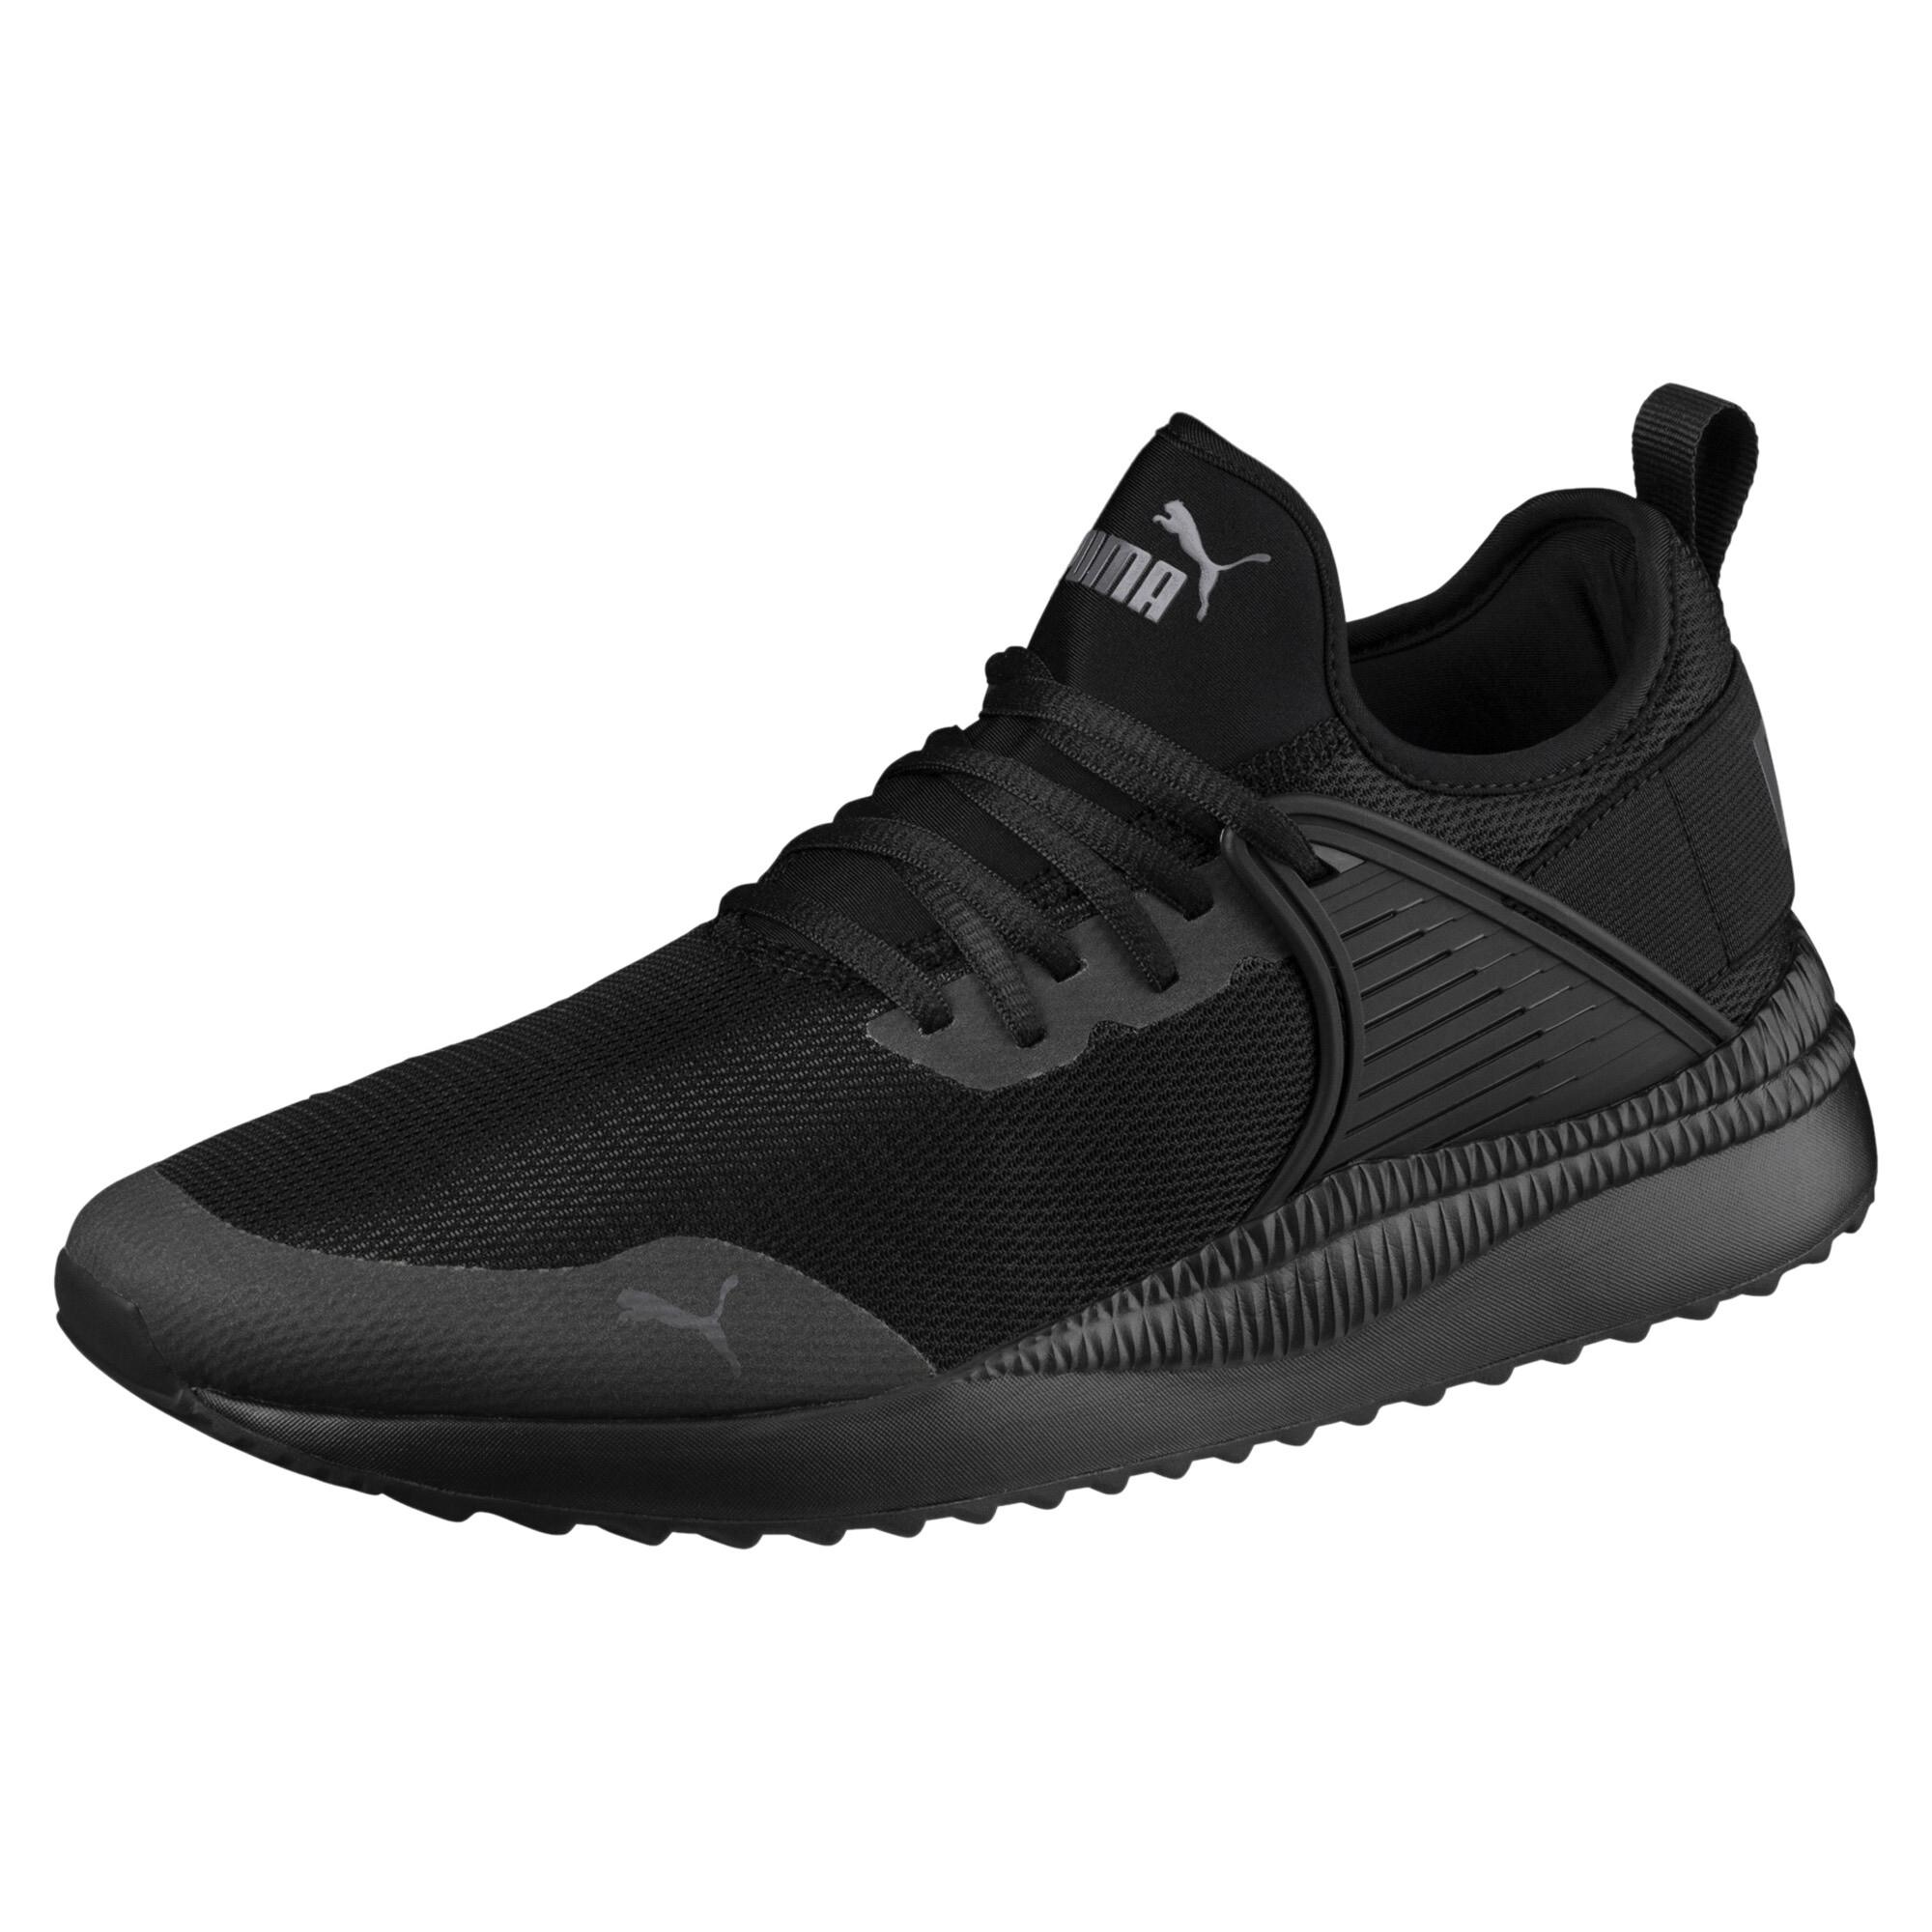 Zapatillas deportivas Pacer Next Cage